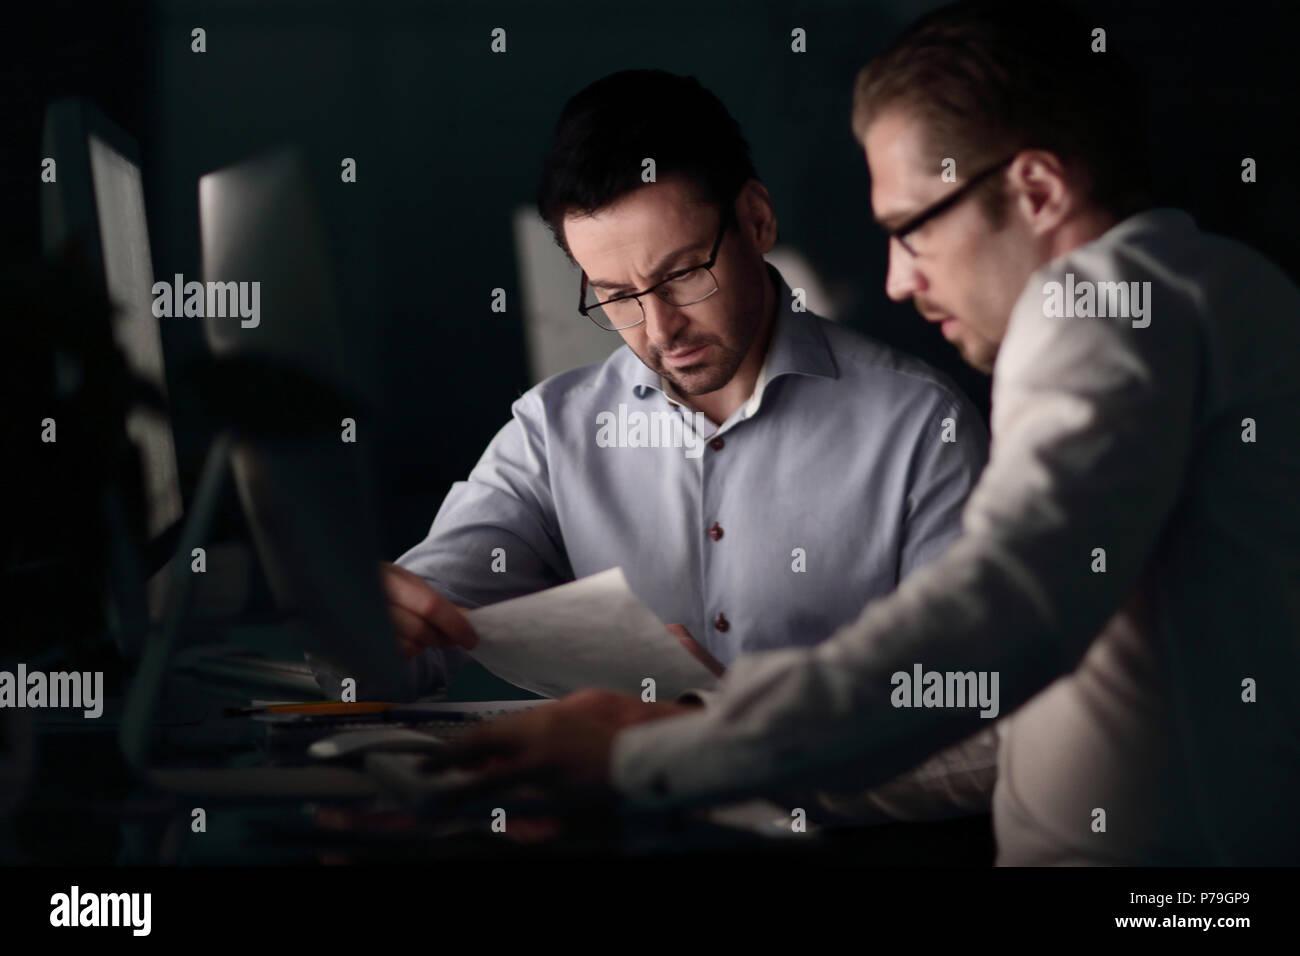 Arbeitsplatz in der Überstunden. Stockbild